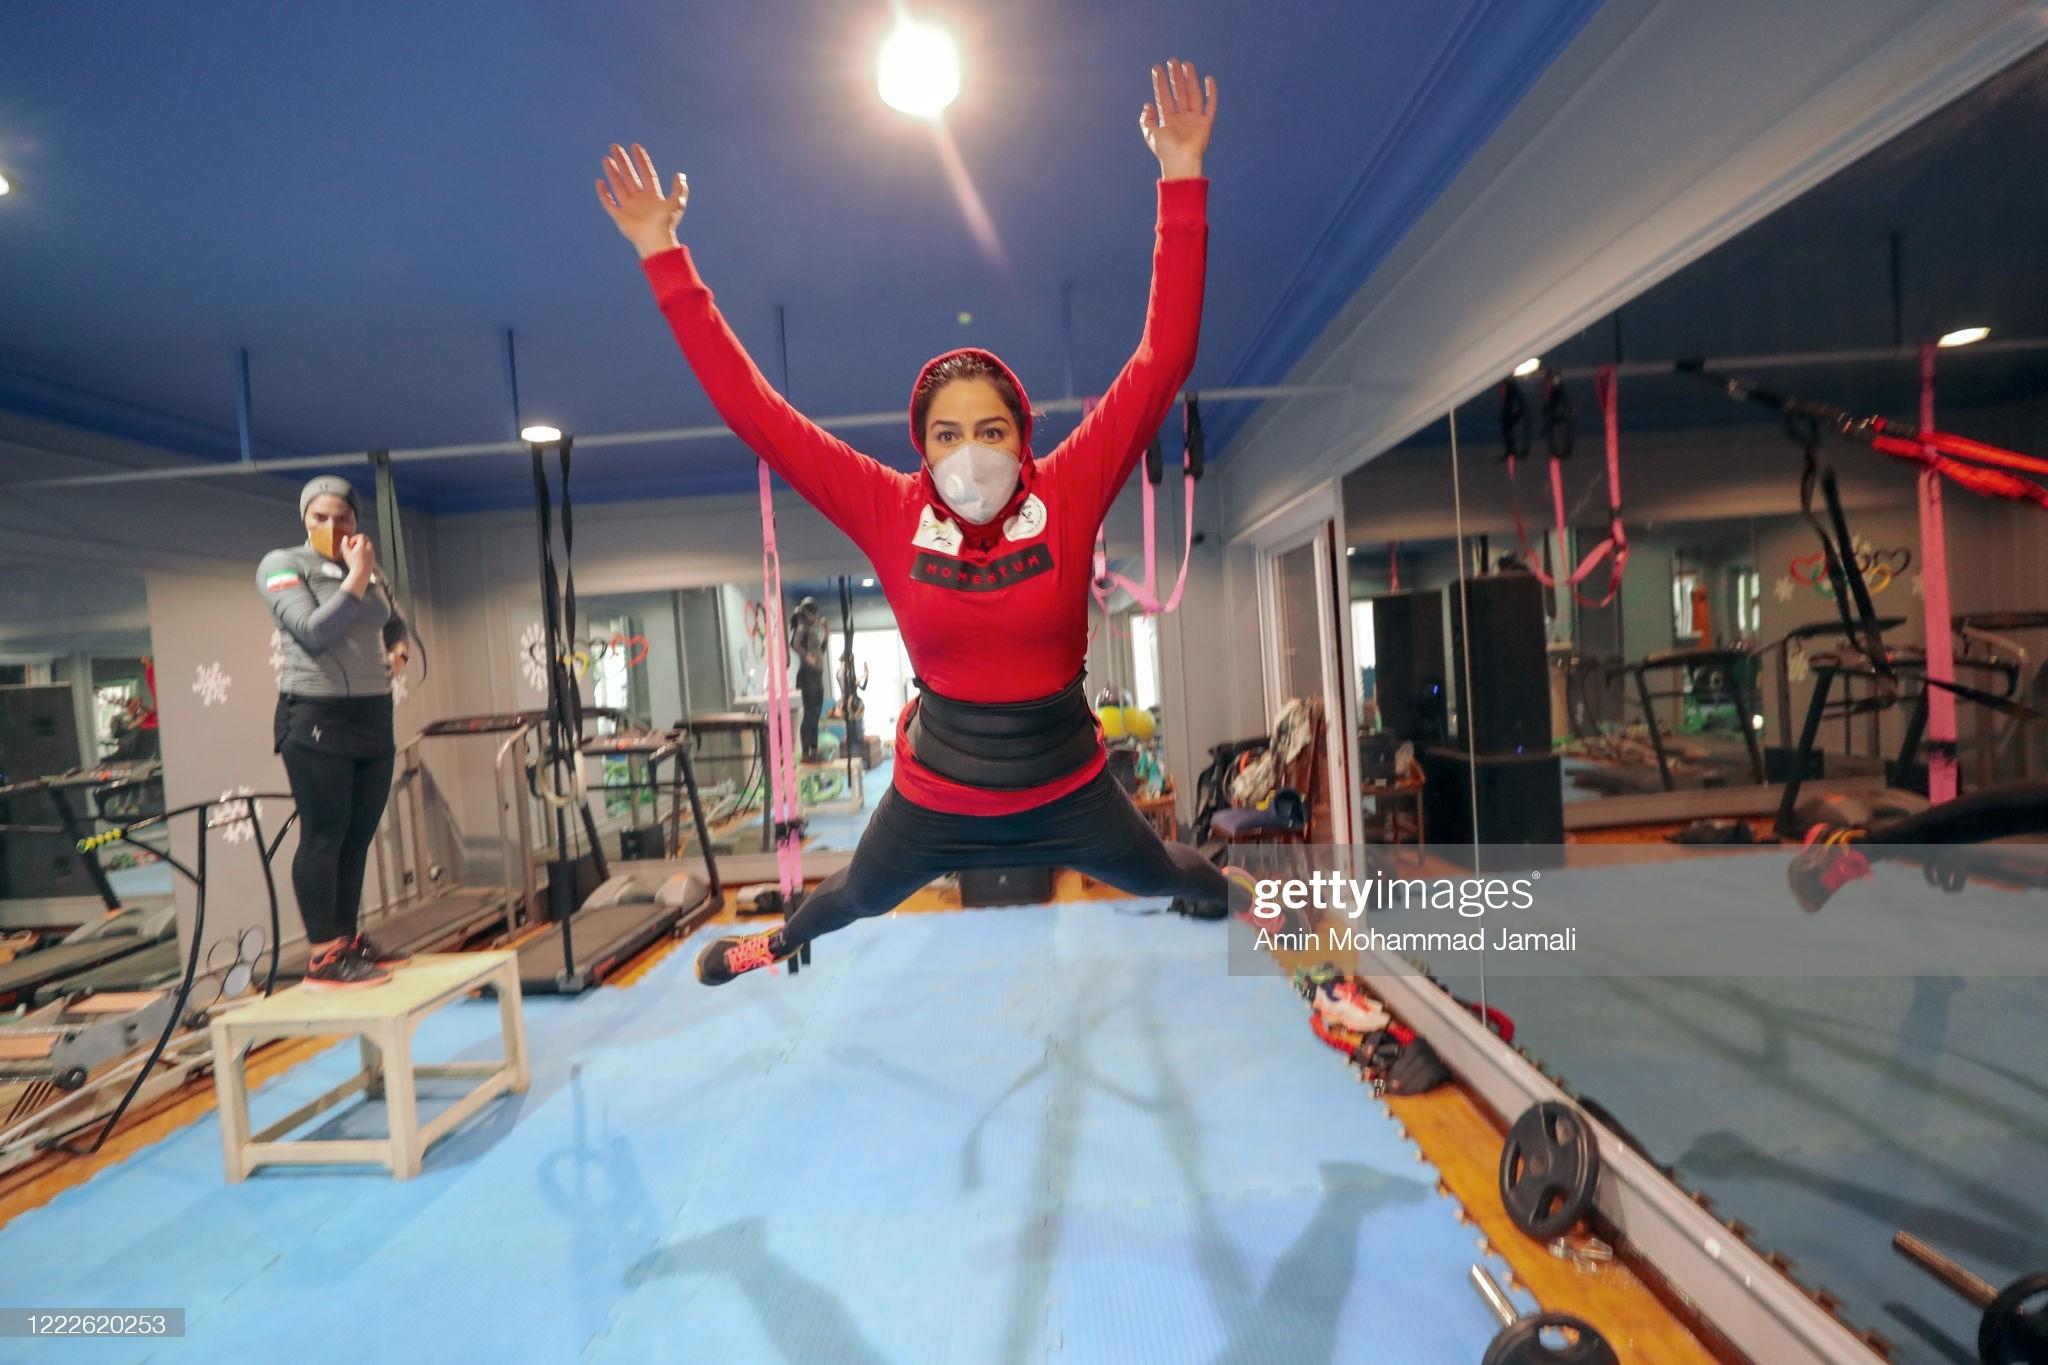 ممنوعالخروجی سرمربی تیم ملی اسکی زنان توسط شوهرش